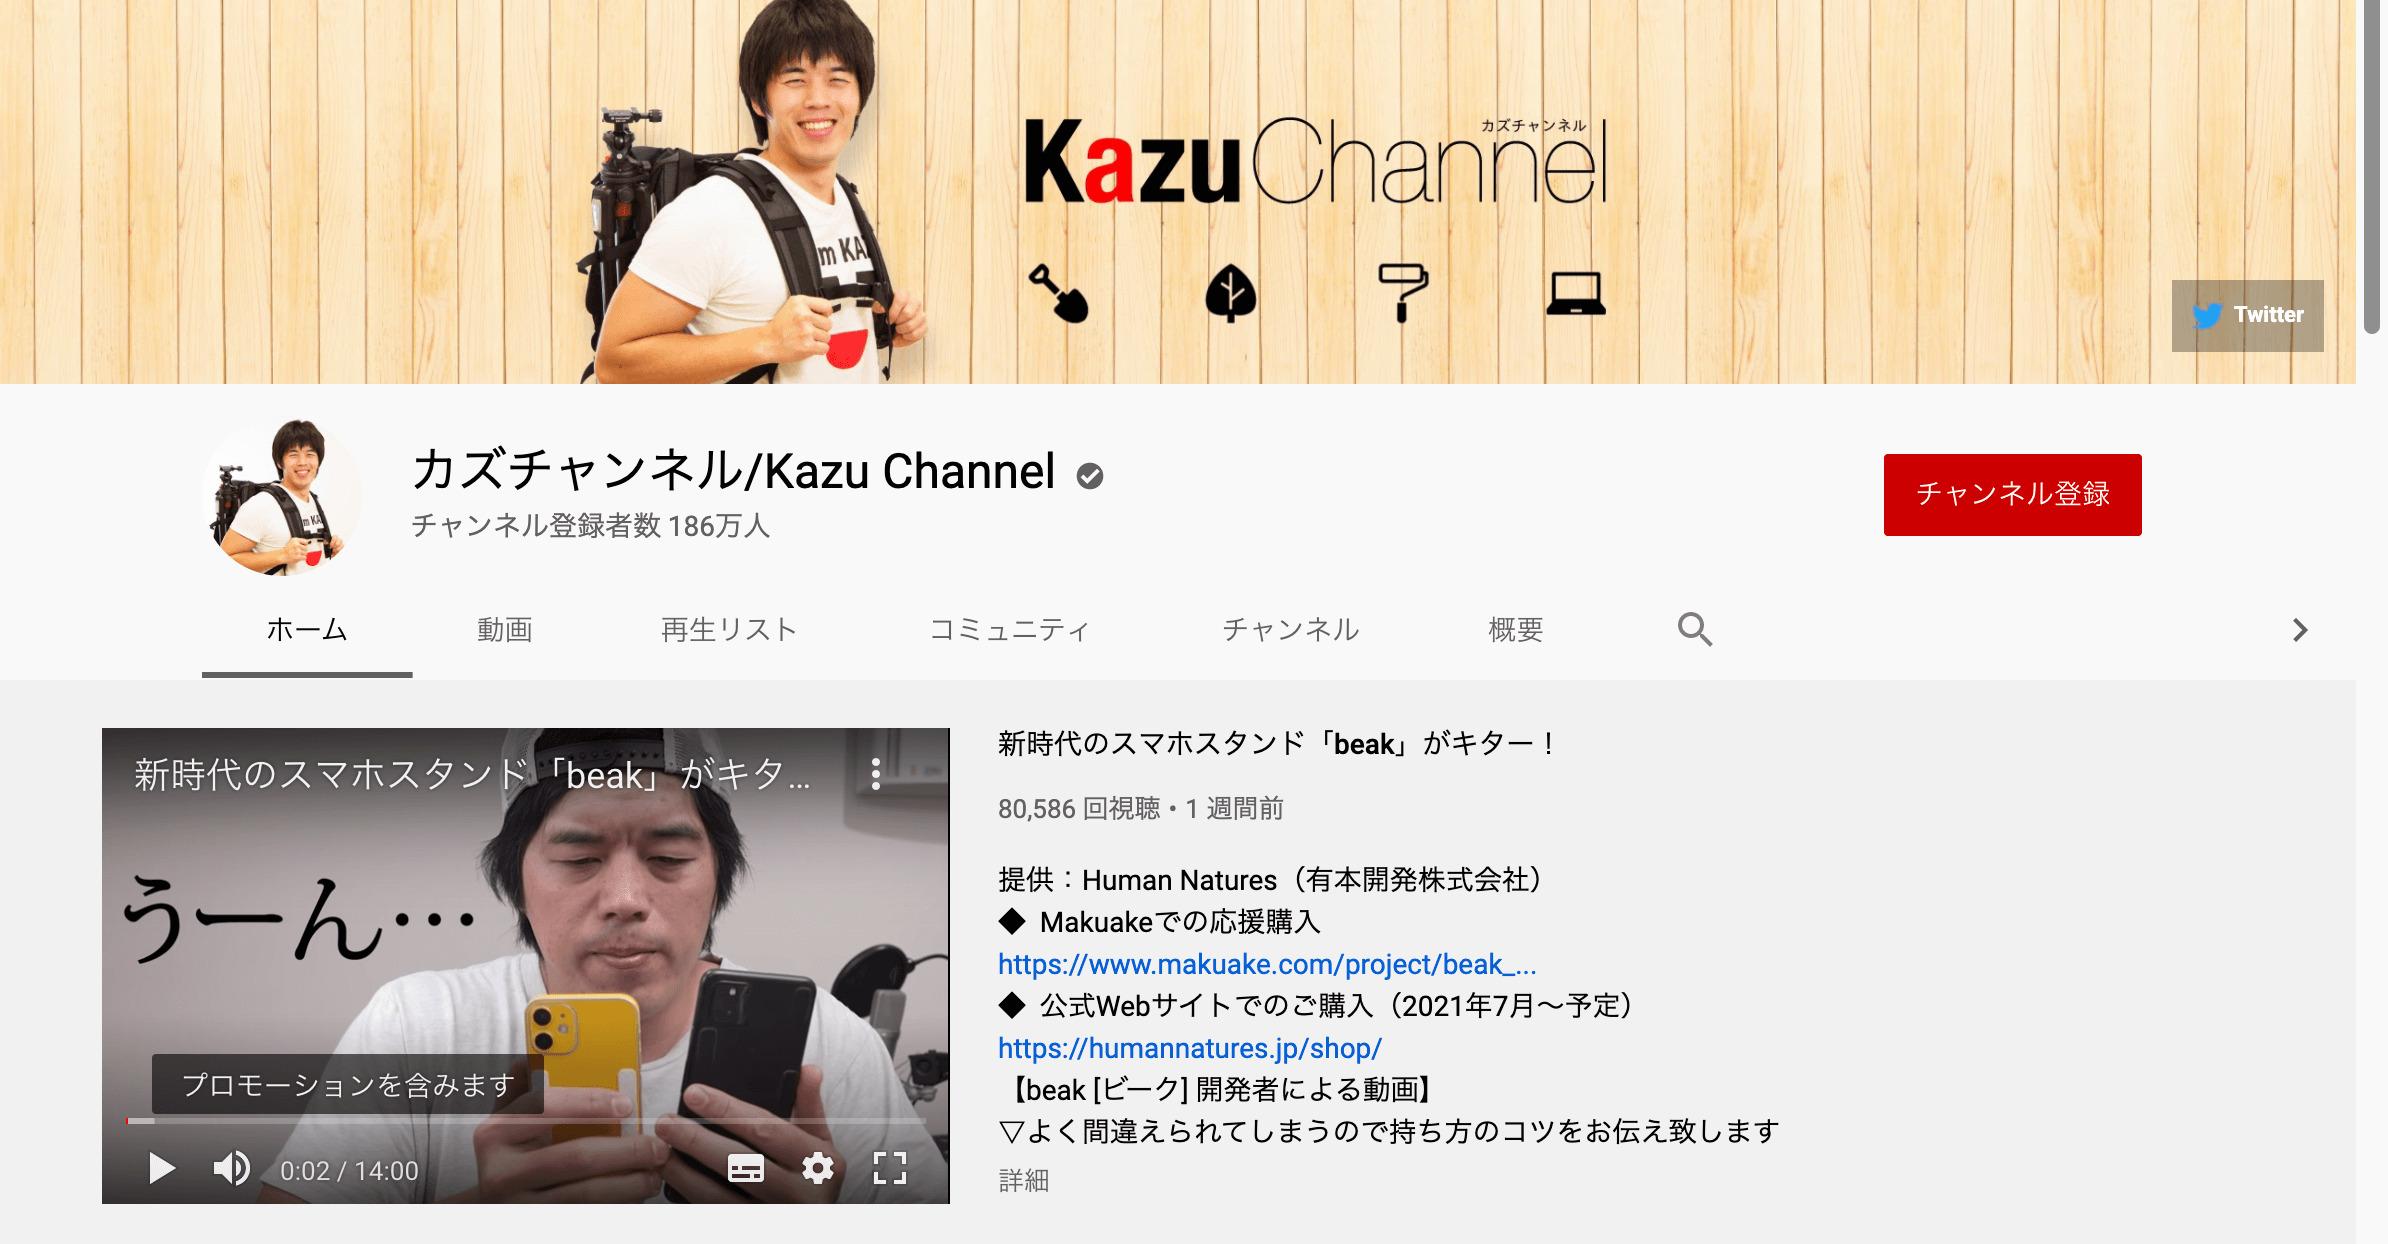 youtube_gadget_kazchannnel